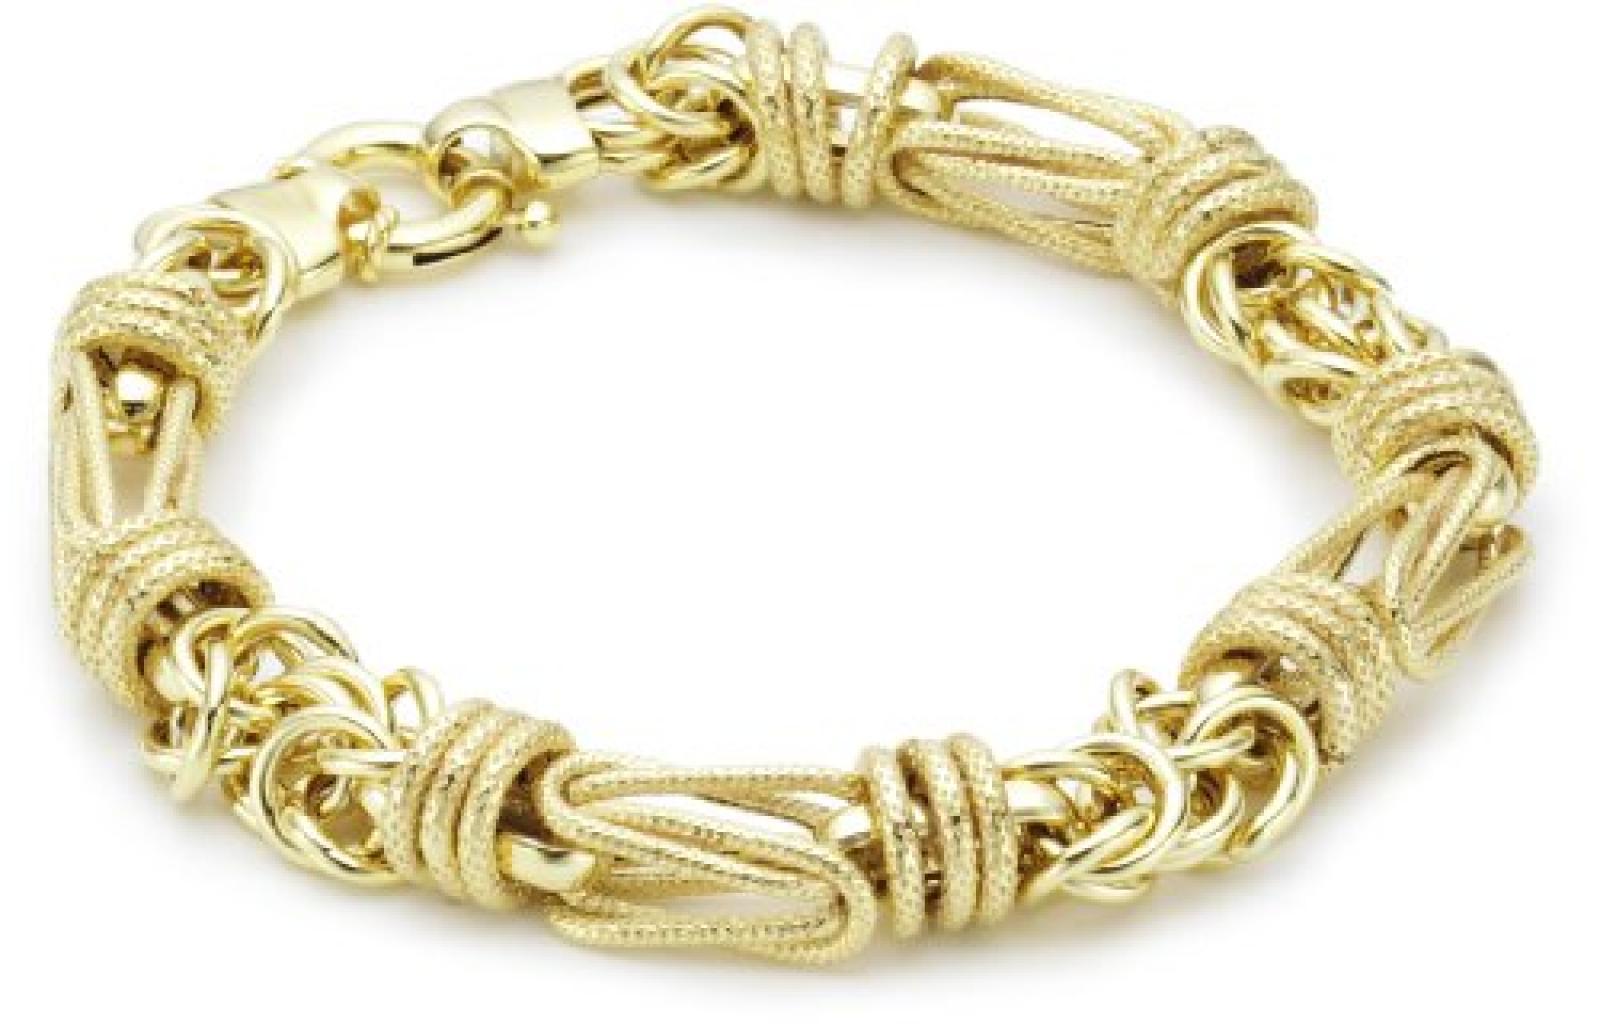 BOB C Damen-Armband 14 Karat 585 Gelbgold FA456645120